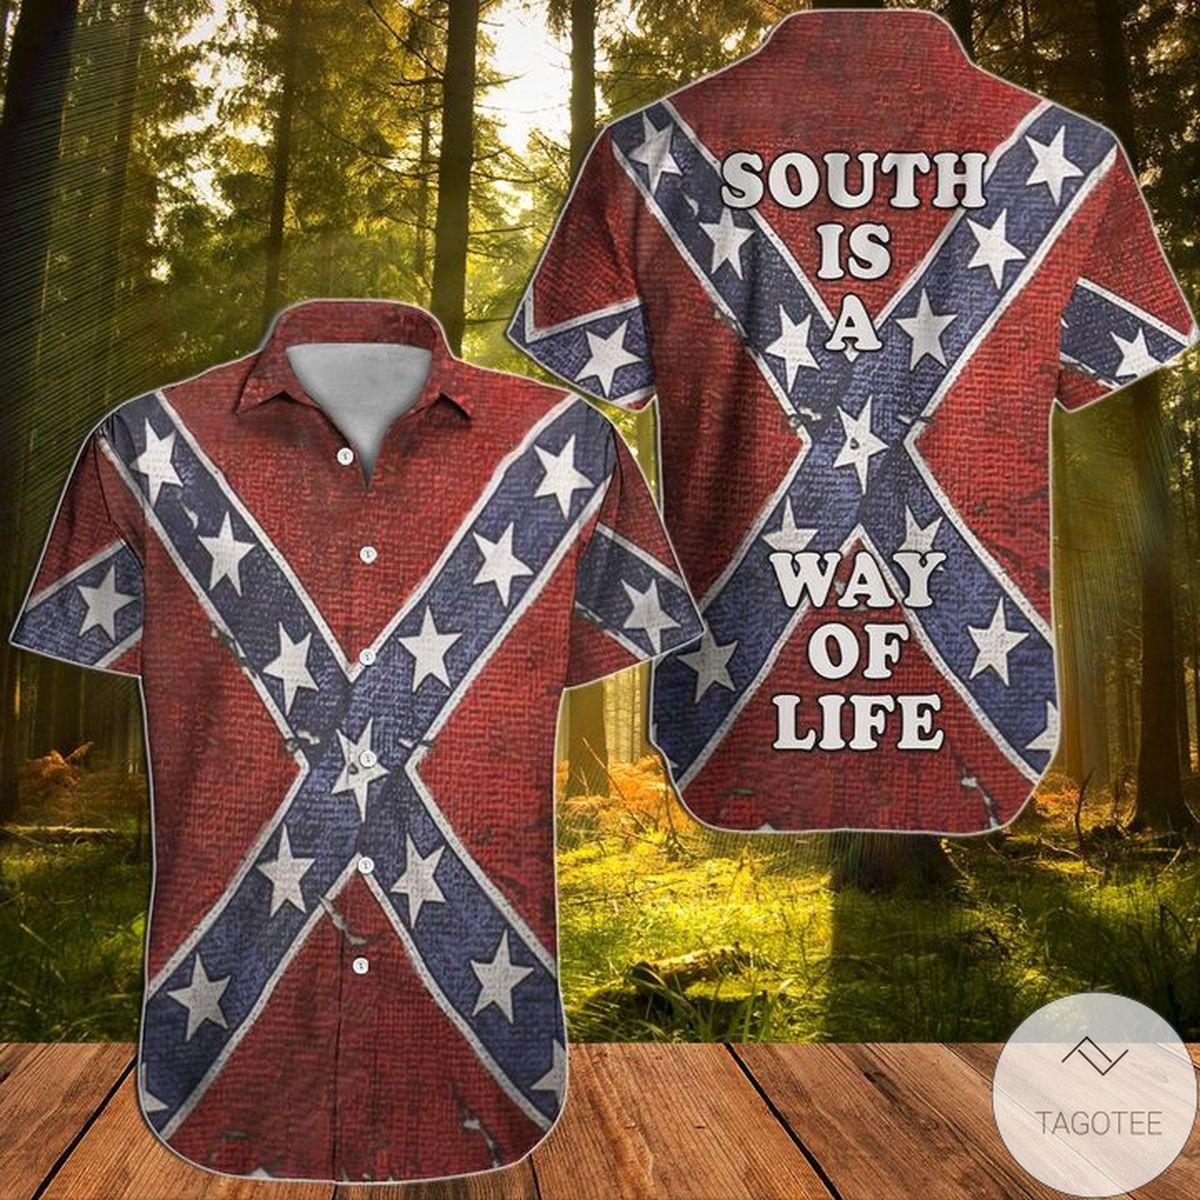 Southern South Is A Way Of Life Hawaiian Shirt